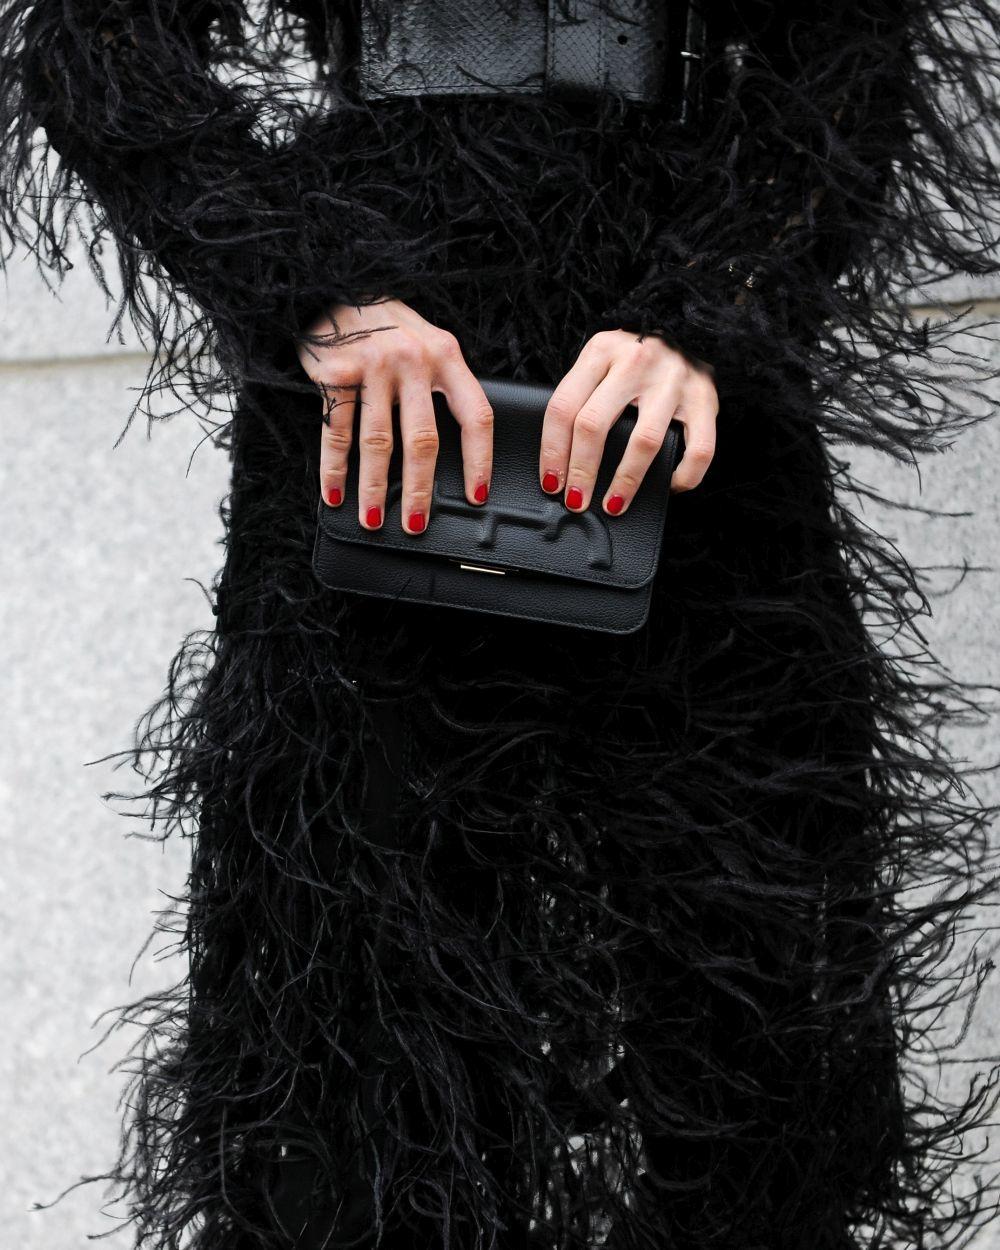 La bloguera lució uñas color rojo y el bolso CH Carolina Herrera...